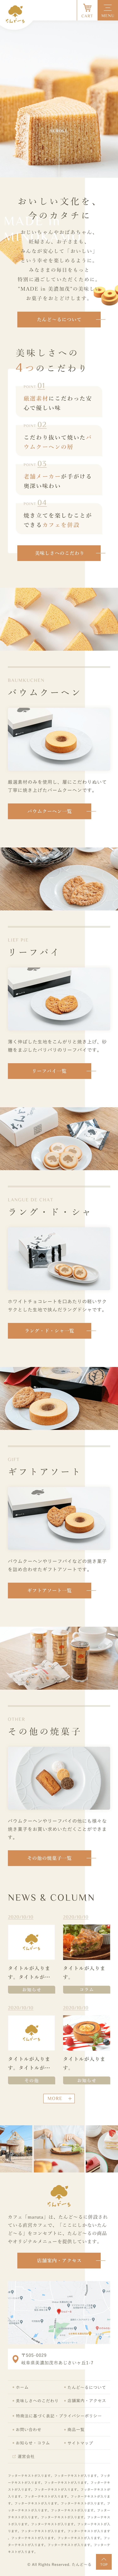 タンドール製菓株式会社 様